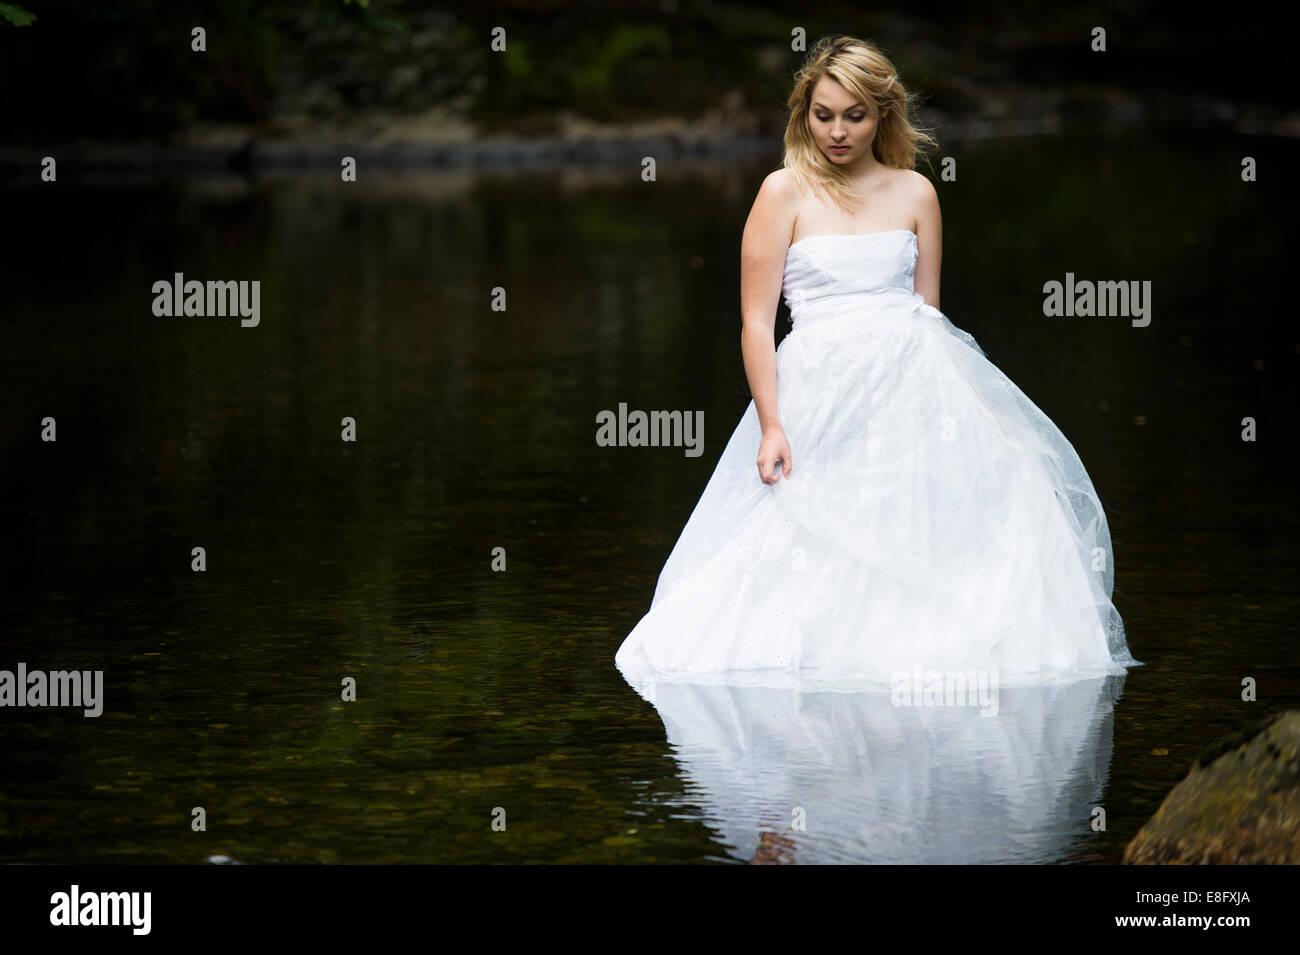 River Trash Stockfotos & River Trash Bilder - Alamy